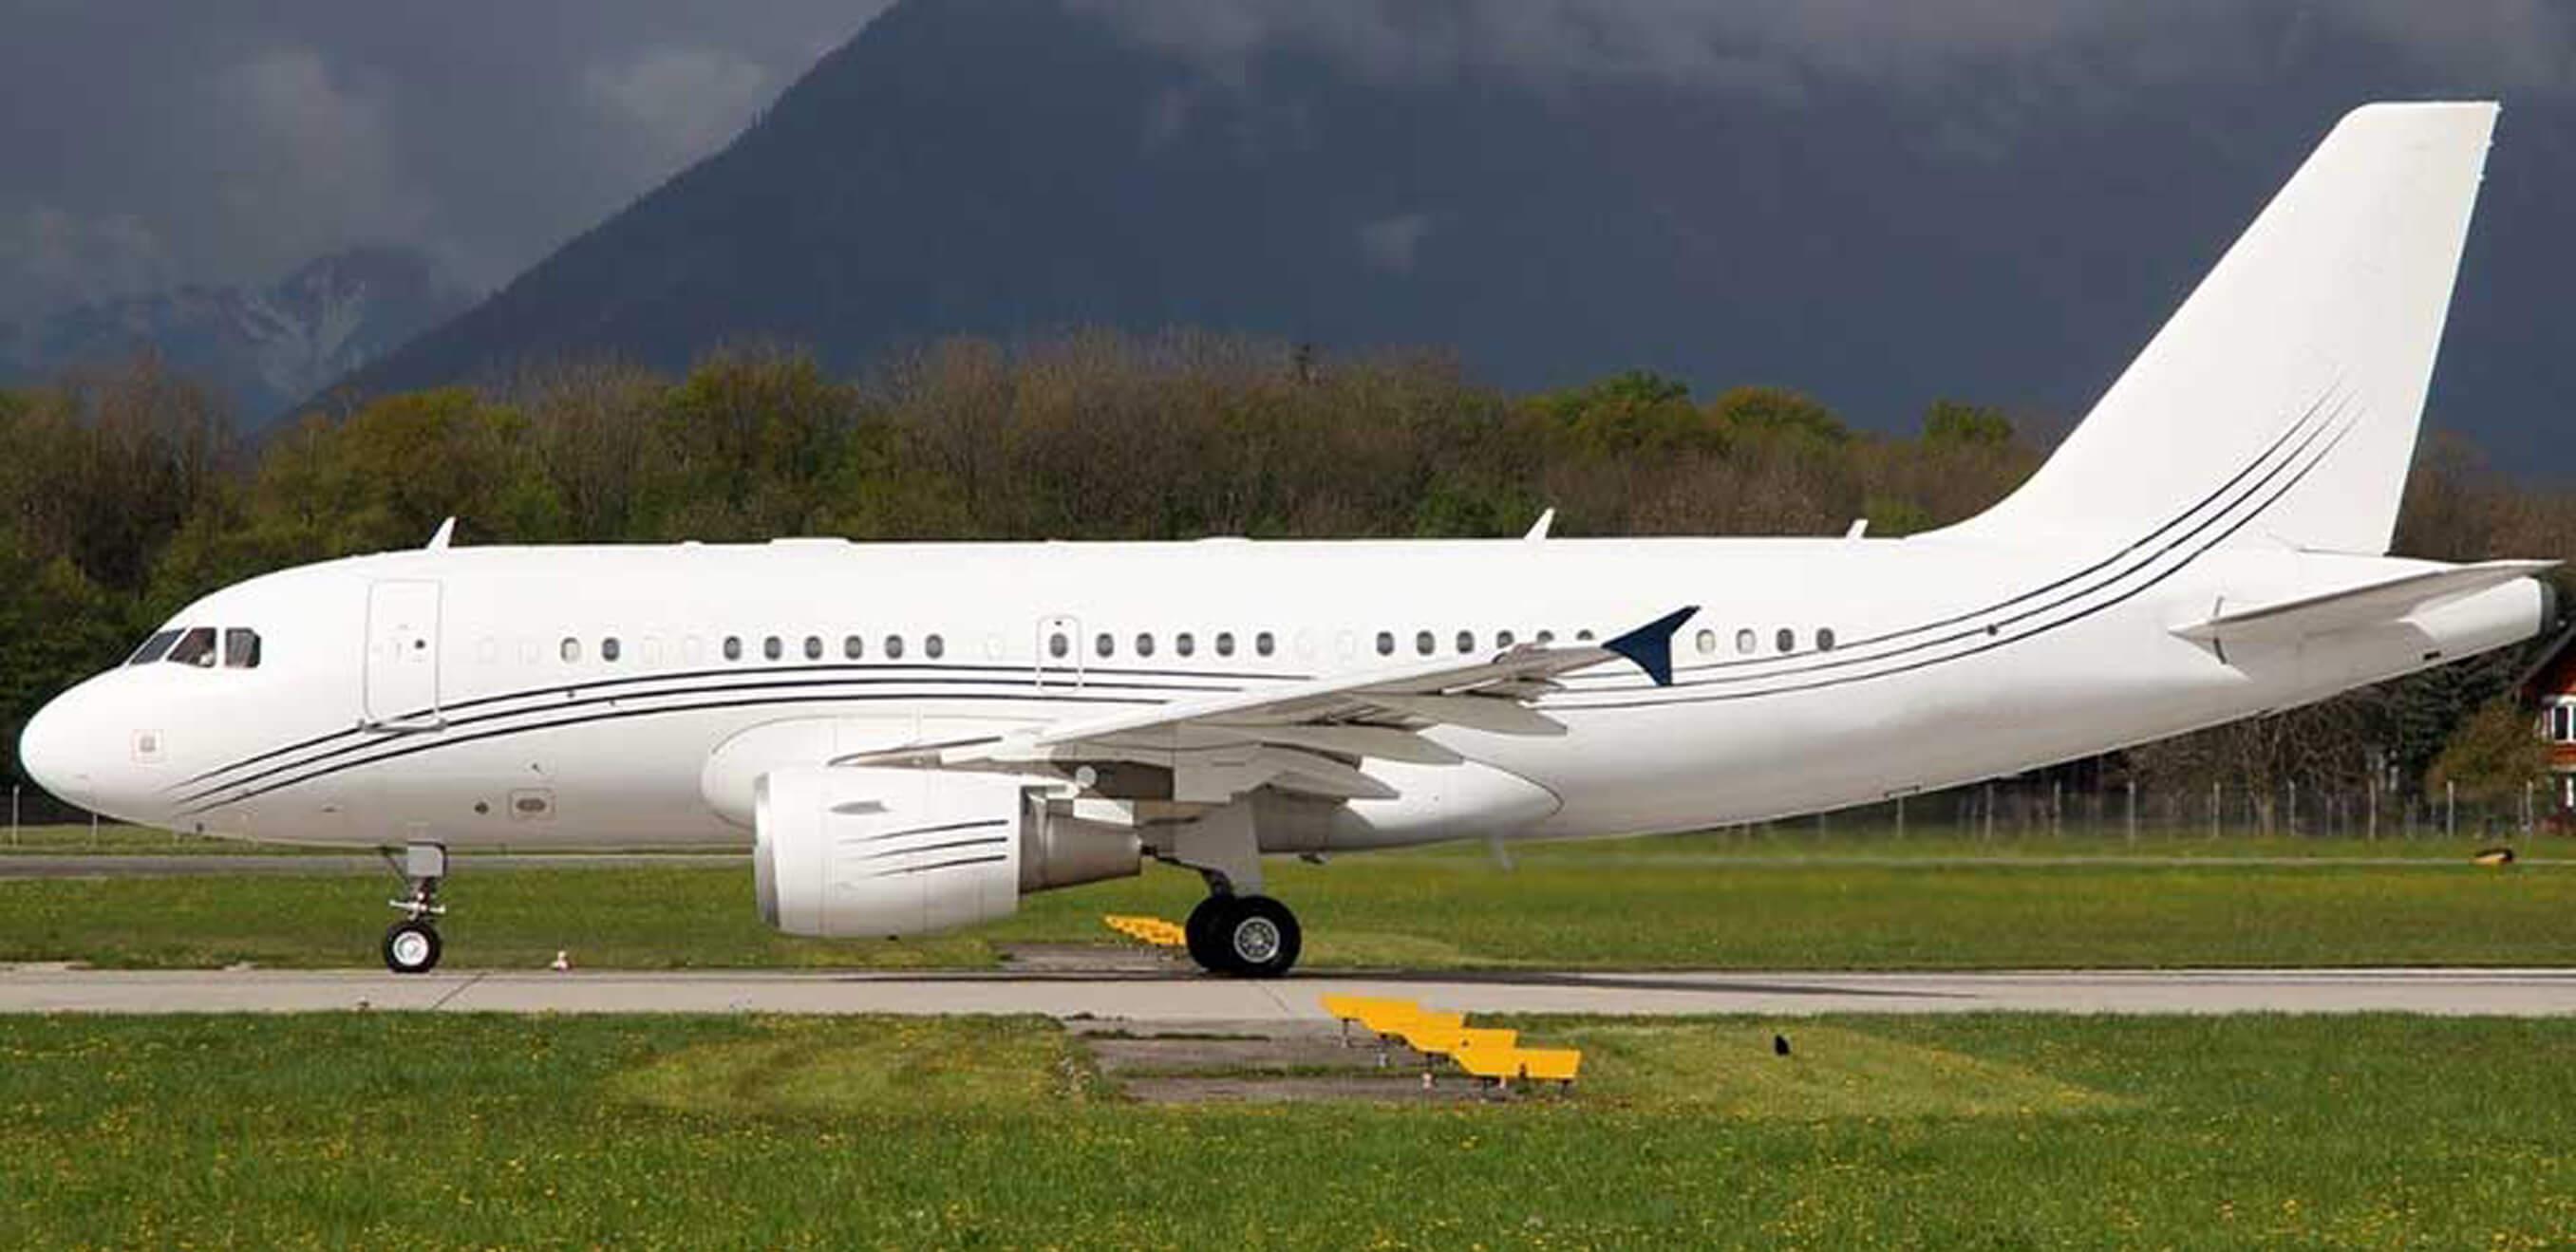 vvip-aircraft-charter-company